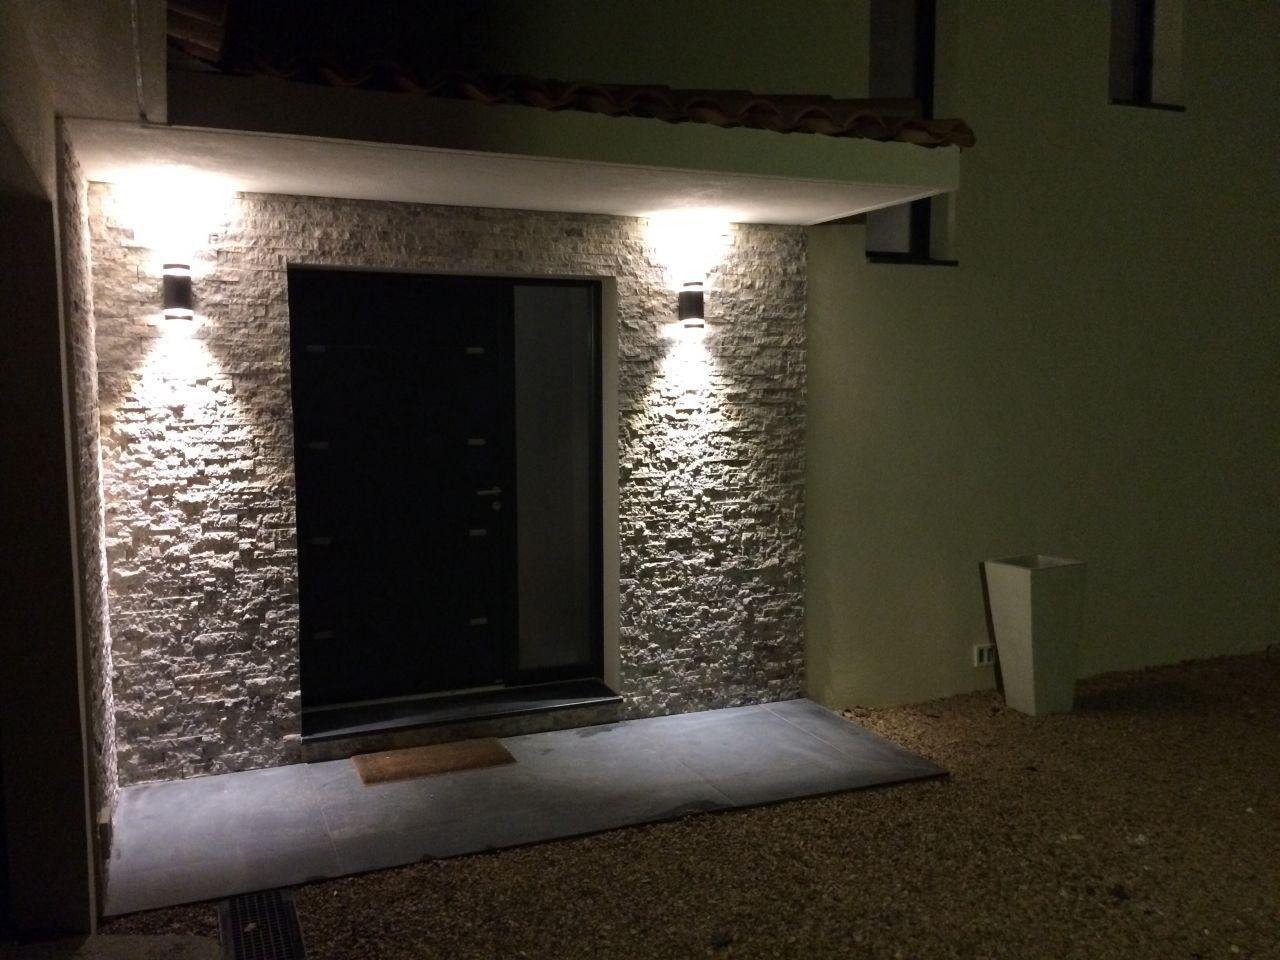 Enfin Trouve Et Pose Les 2 Appliques Murales Pour Eclairer Le Porche D 39 Entree Porche Maison Porche Entree Maison Entree Maison